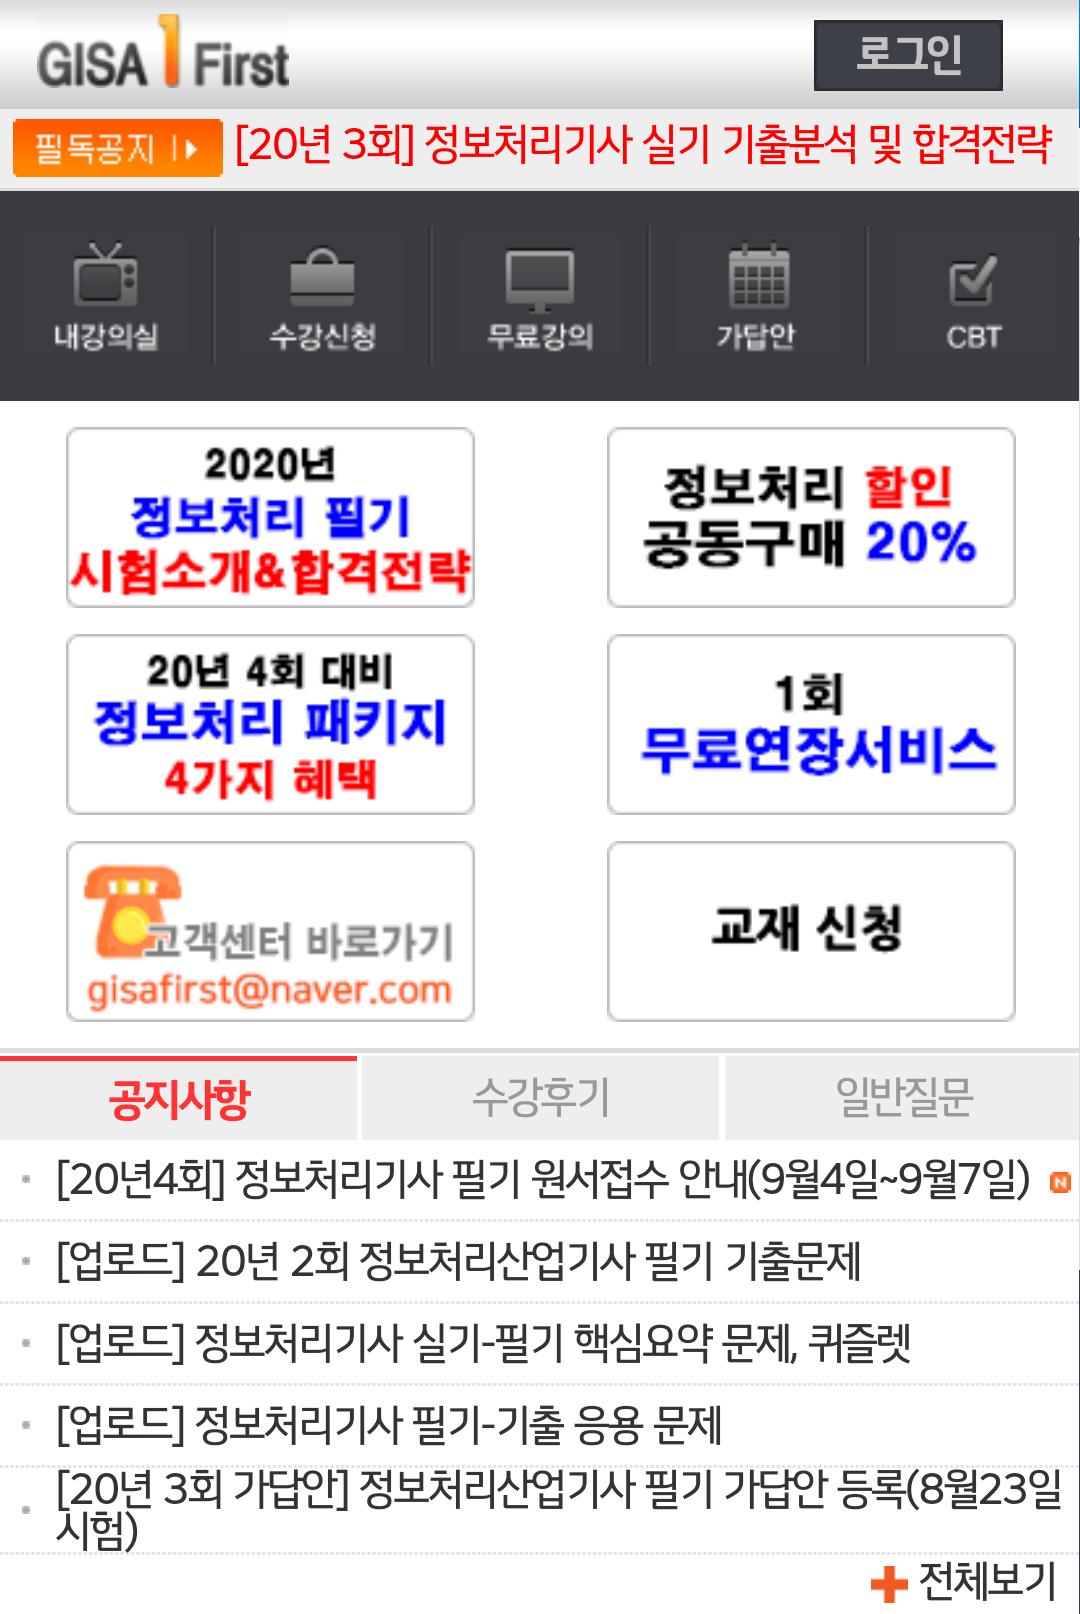 [정보처리기사]  정보처리기사 실기시험 도전(무조건 합격 다짐)